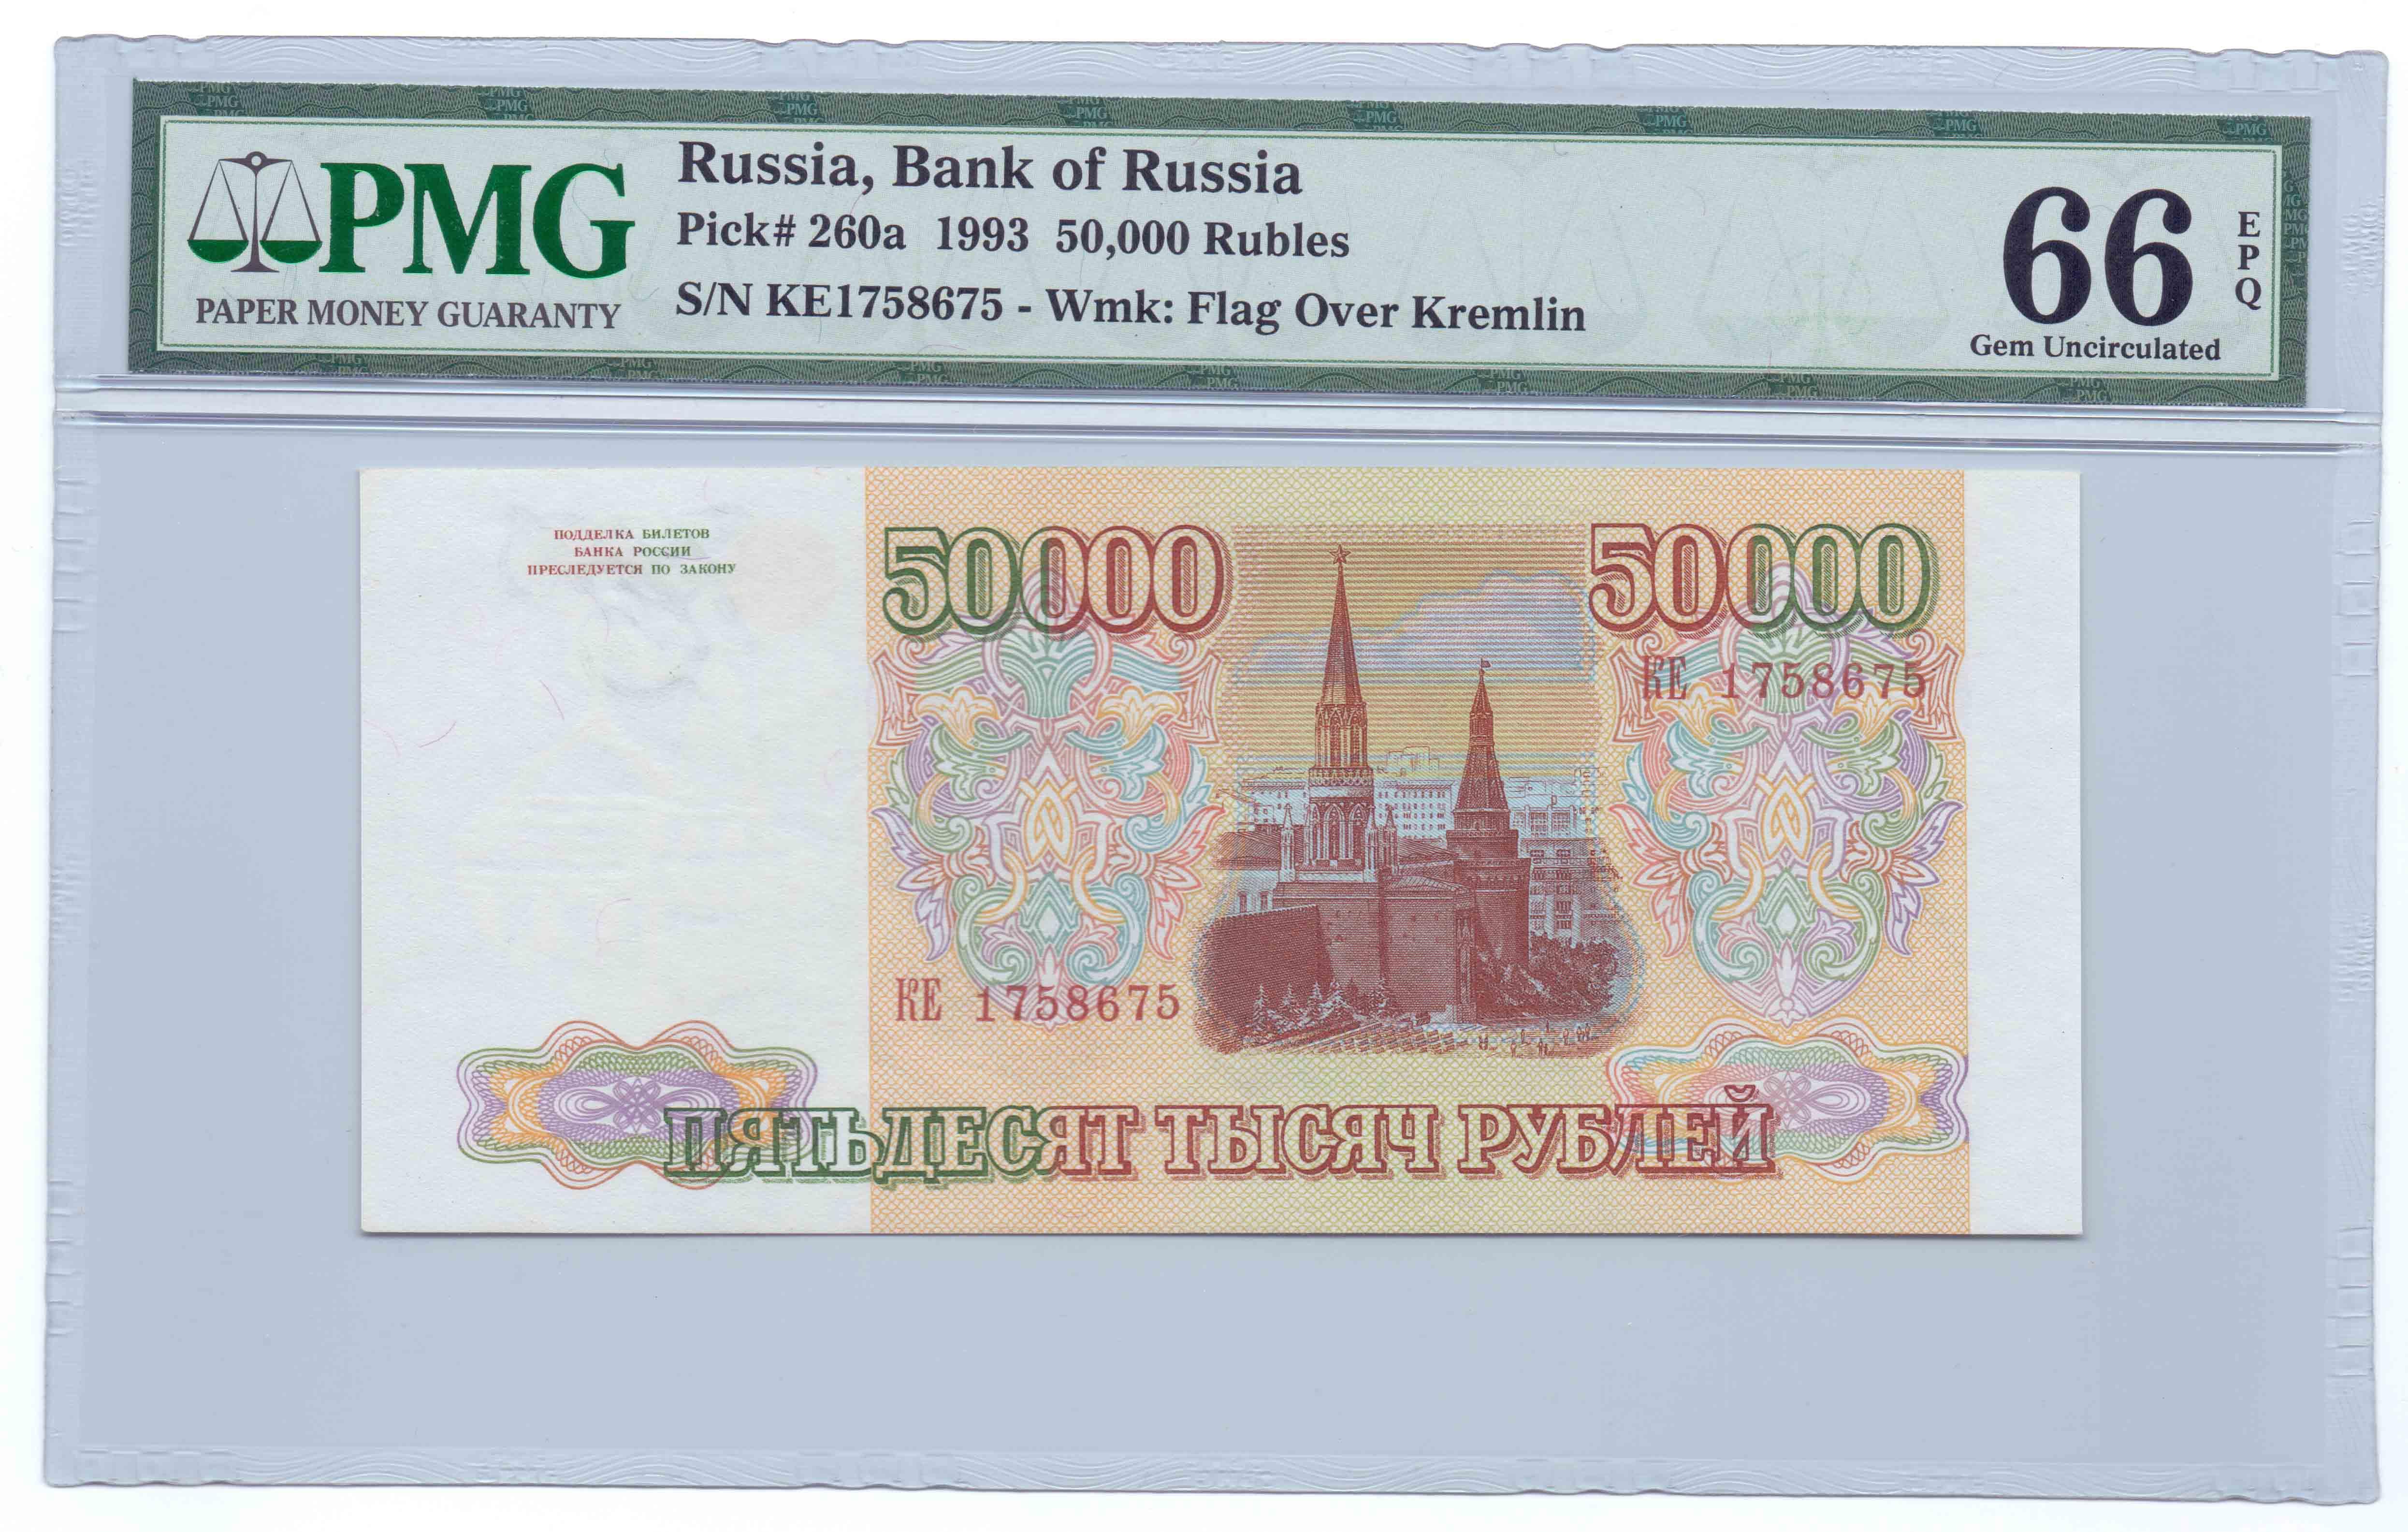 50 000 рублей 1993 г. КЕ 1758675 PMG. 66 EPQ. Pick.260a  #Б001-001